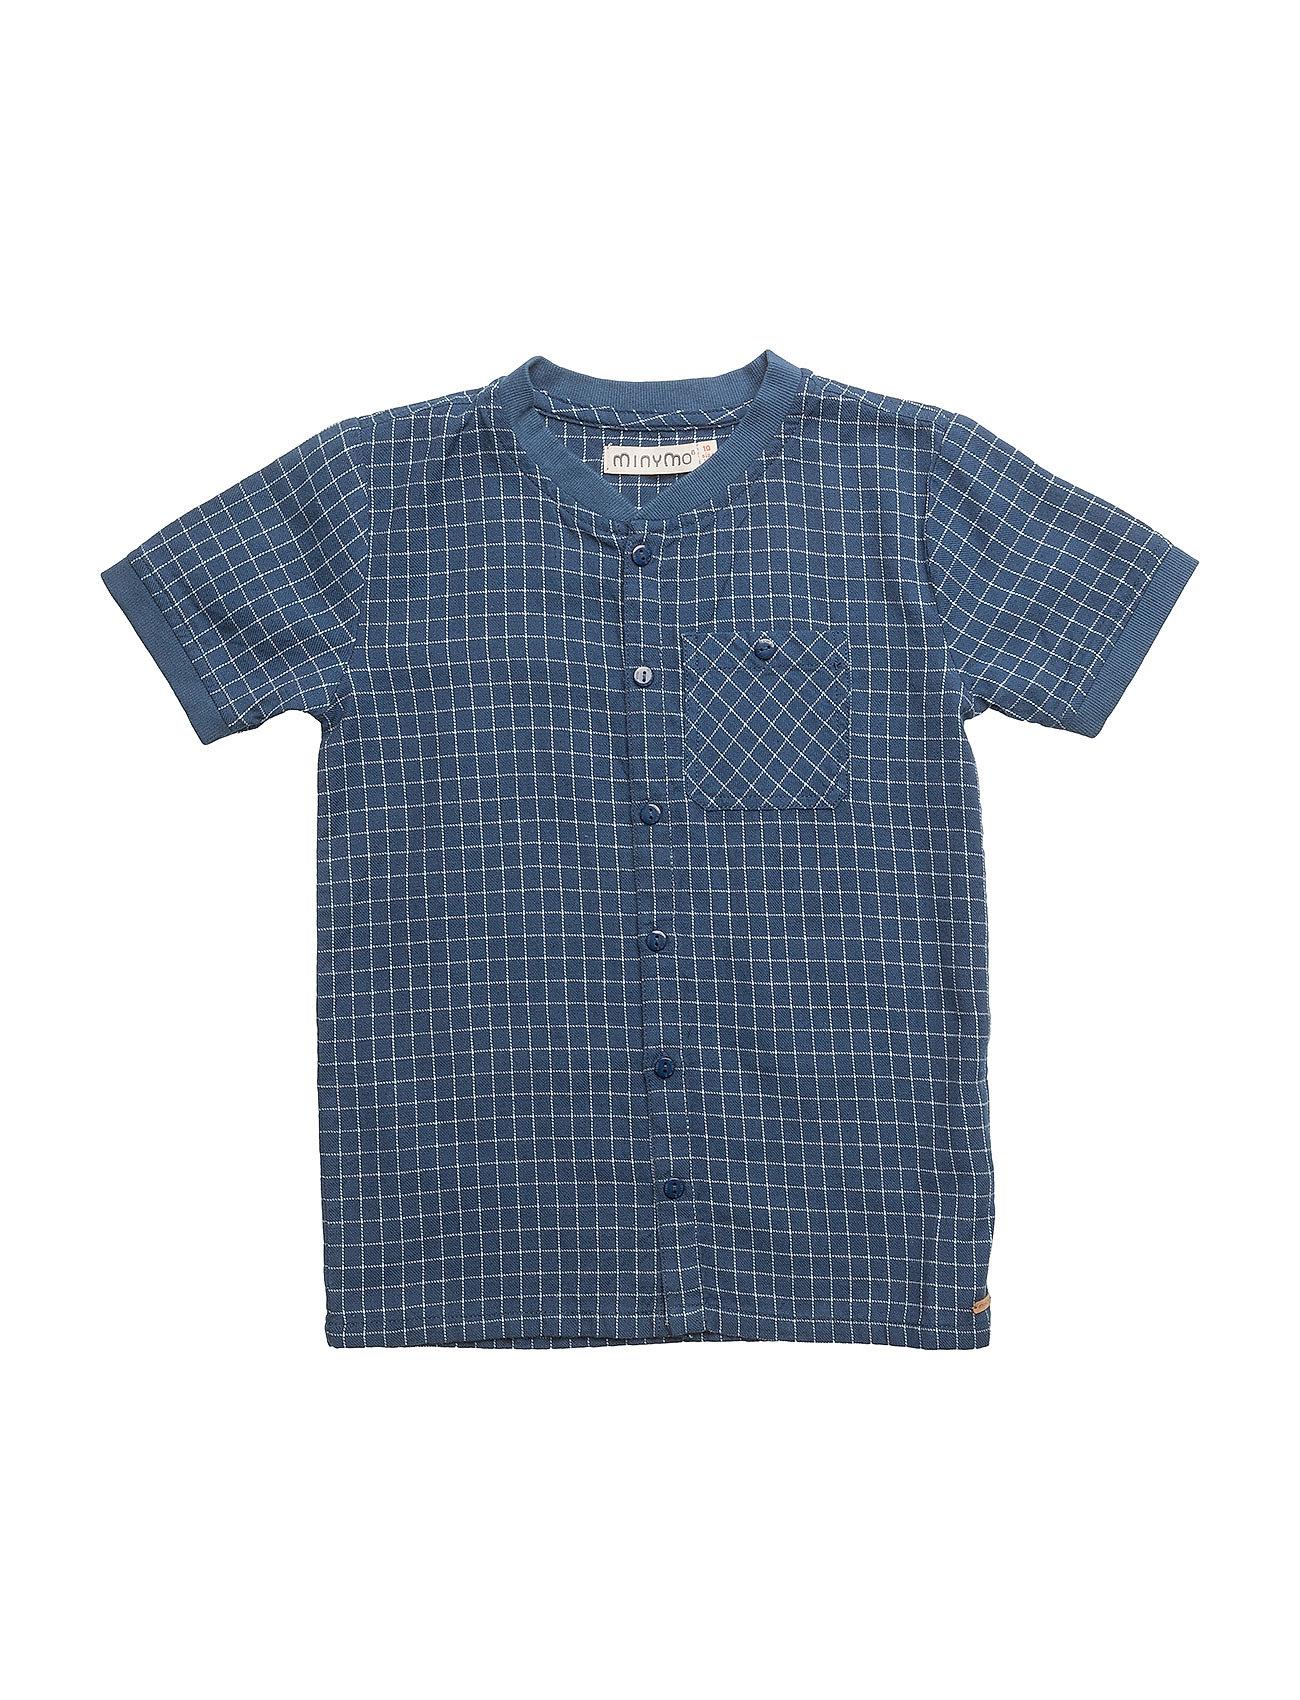 Shirt Ss Y/D Check - Minymo